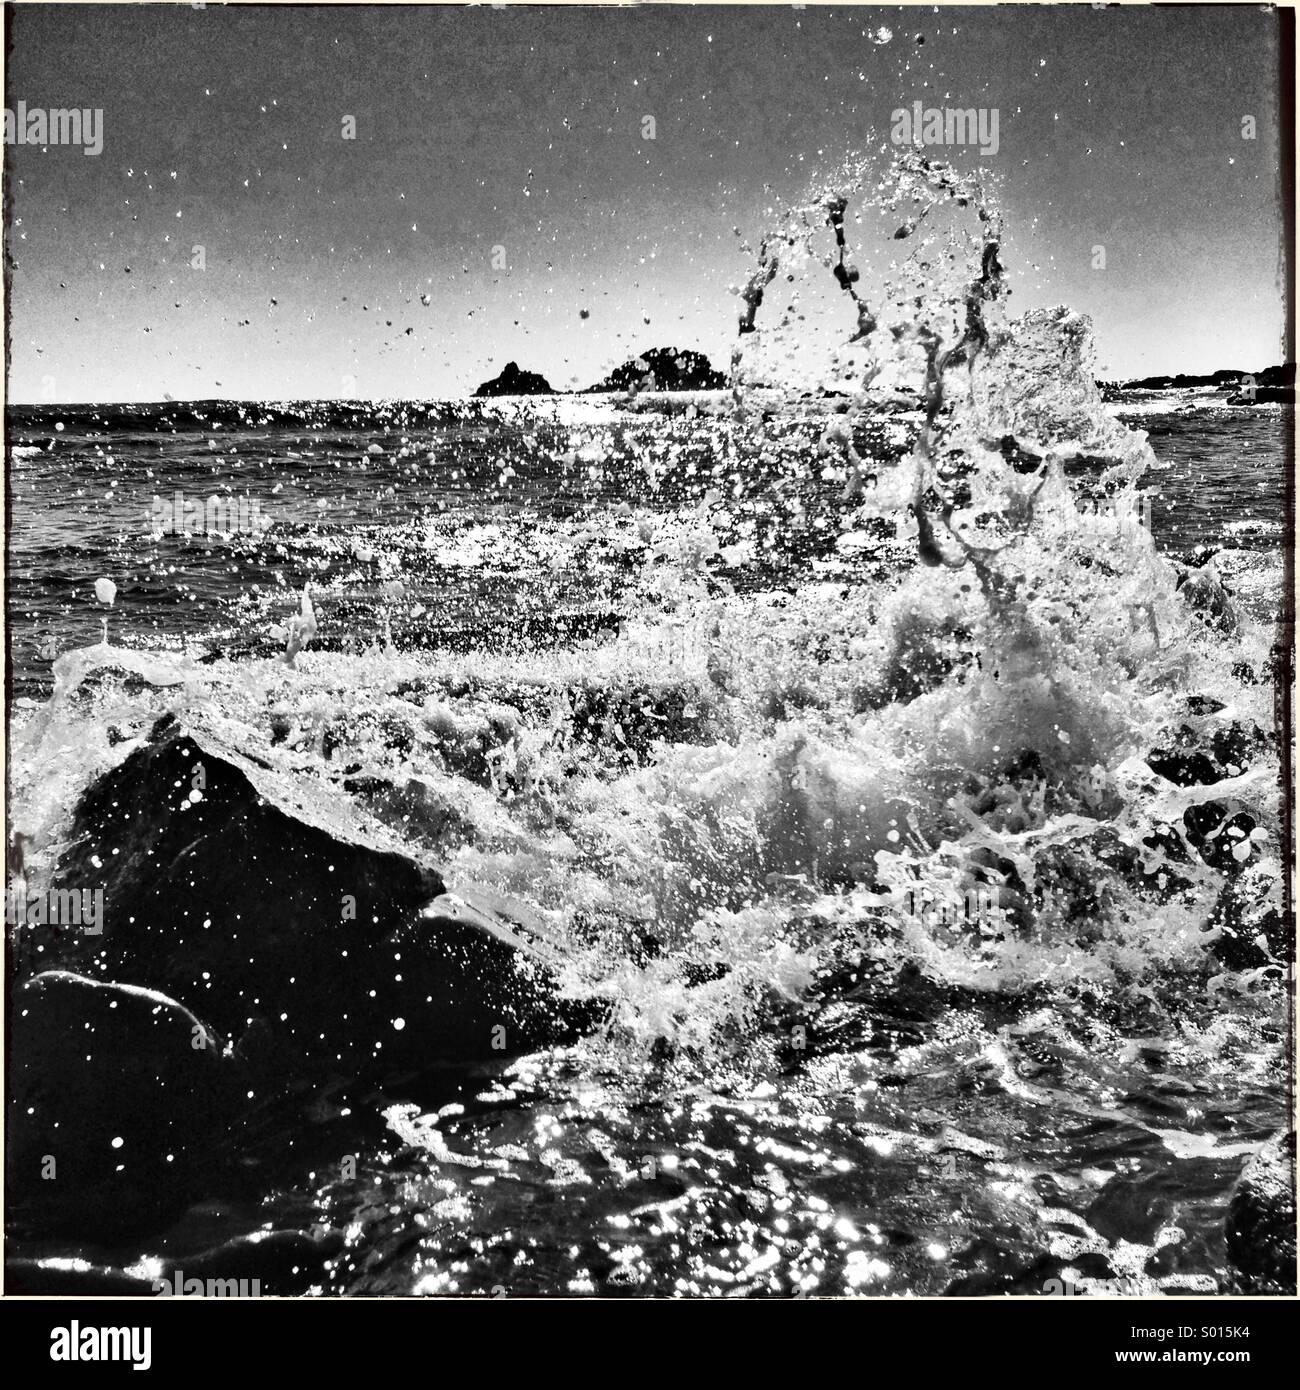 Black and white image of water splashing on rocks - Stock Image